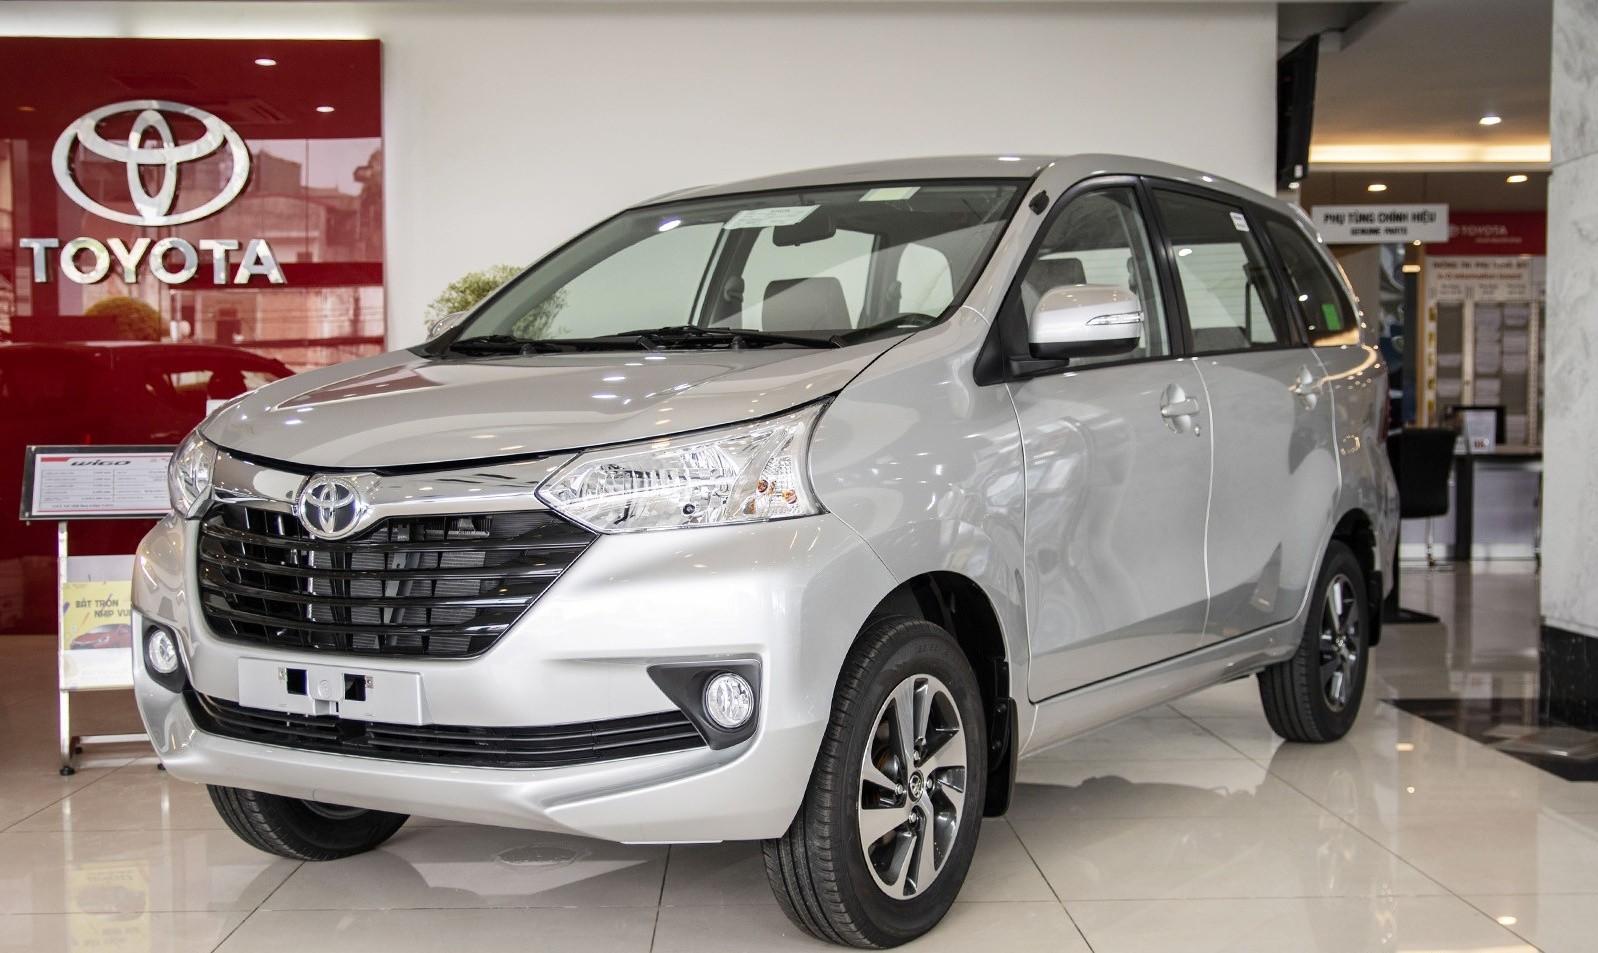 Từ 4/5 sẽ có gần 3.300 xe Toyota Avanza và Rush nhập khẩu phải triệu hồi - Ảnh 1.